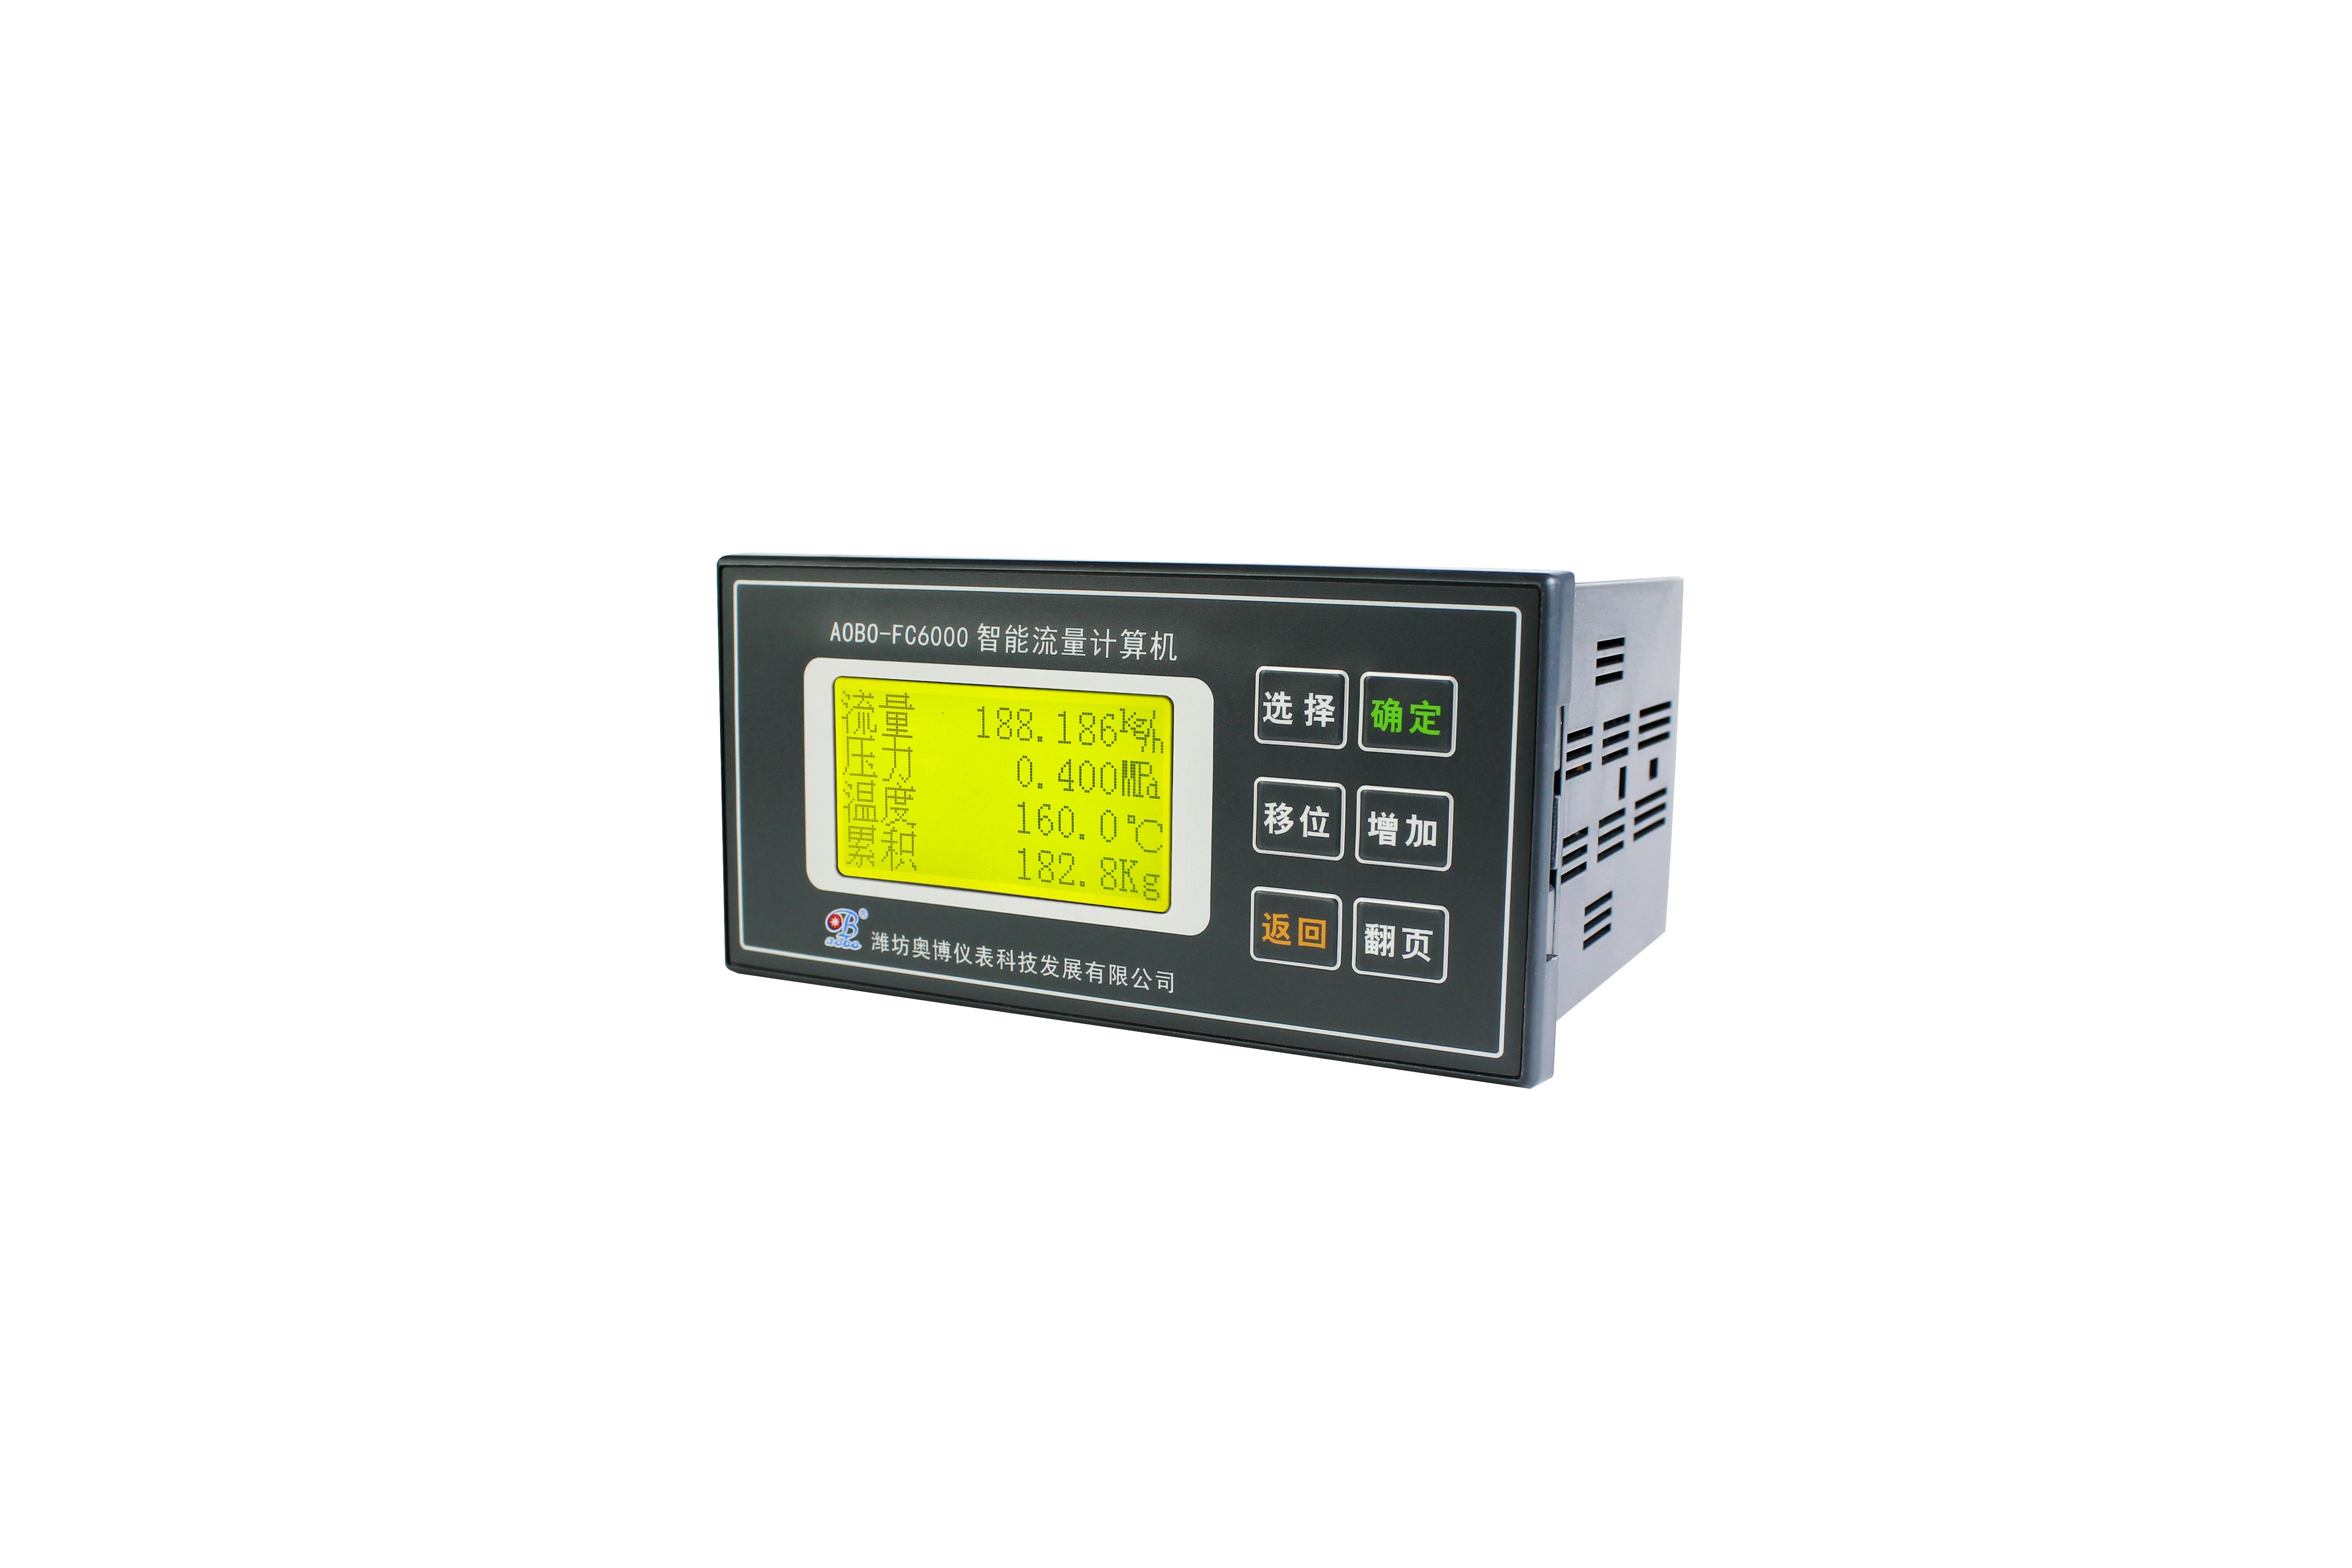 ABDT-FC6000多功能可編程智能流量計算機